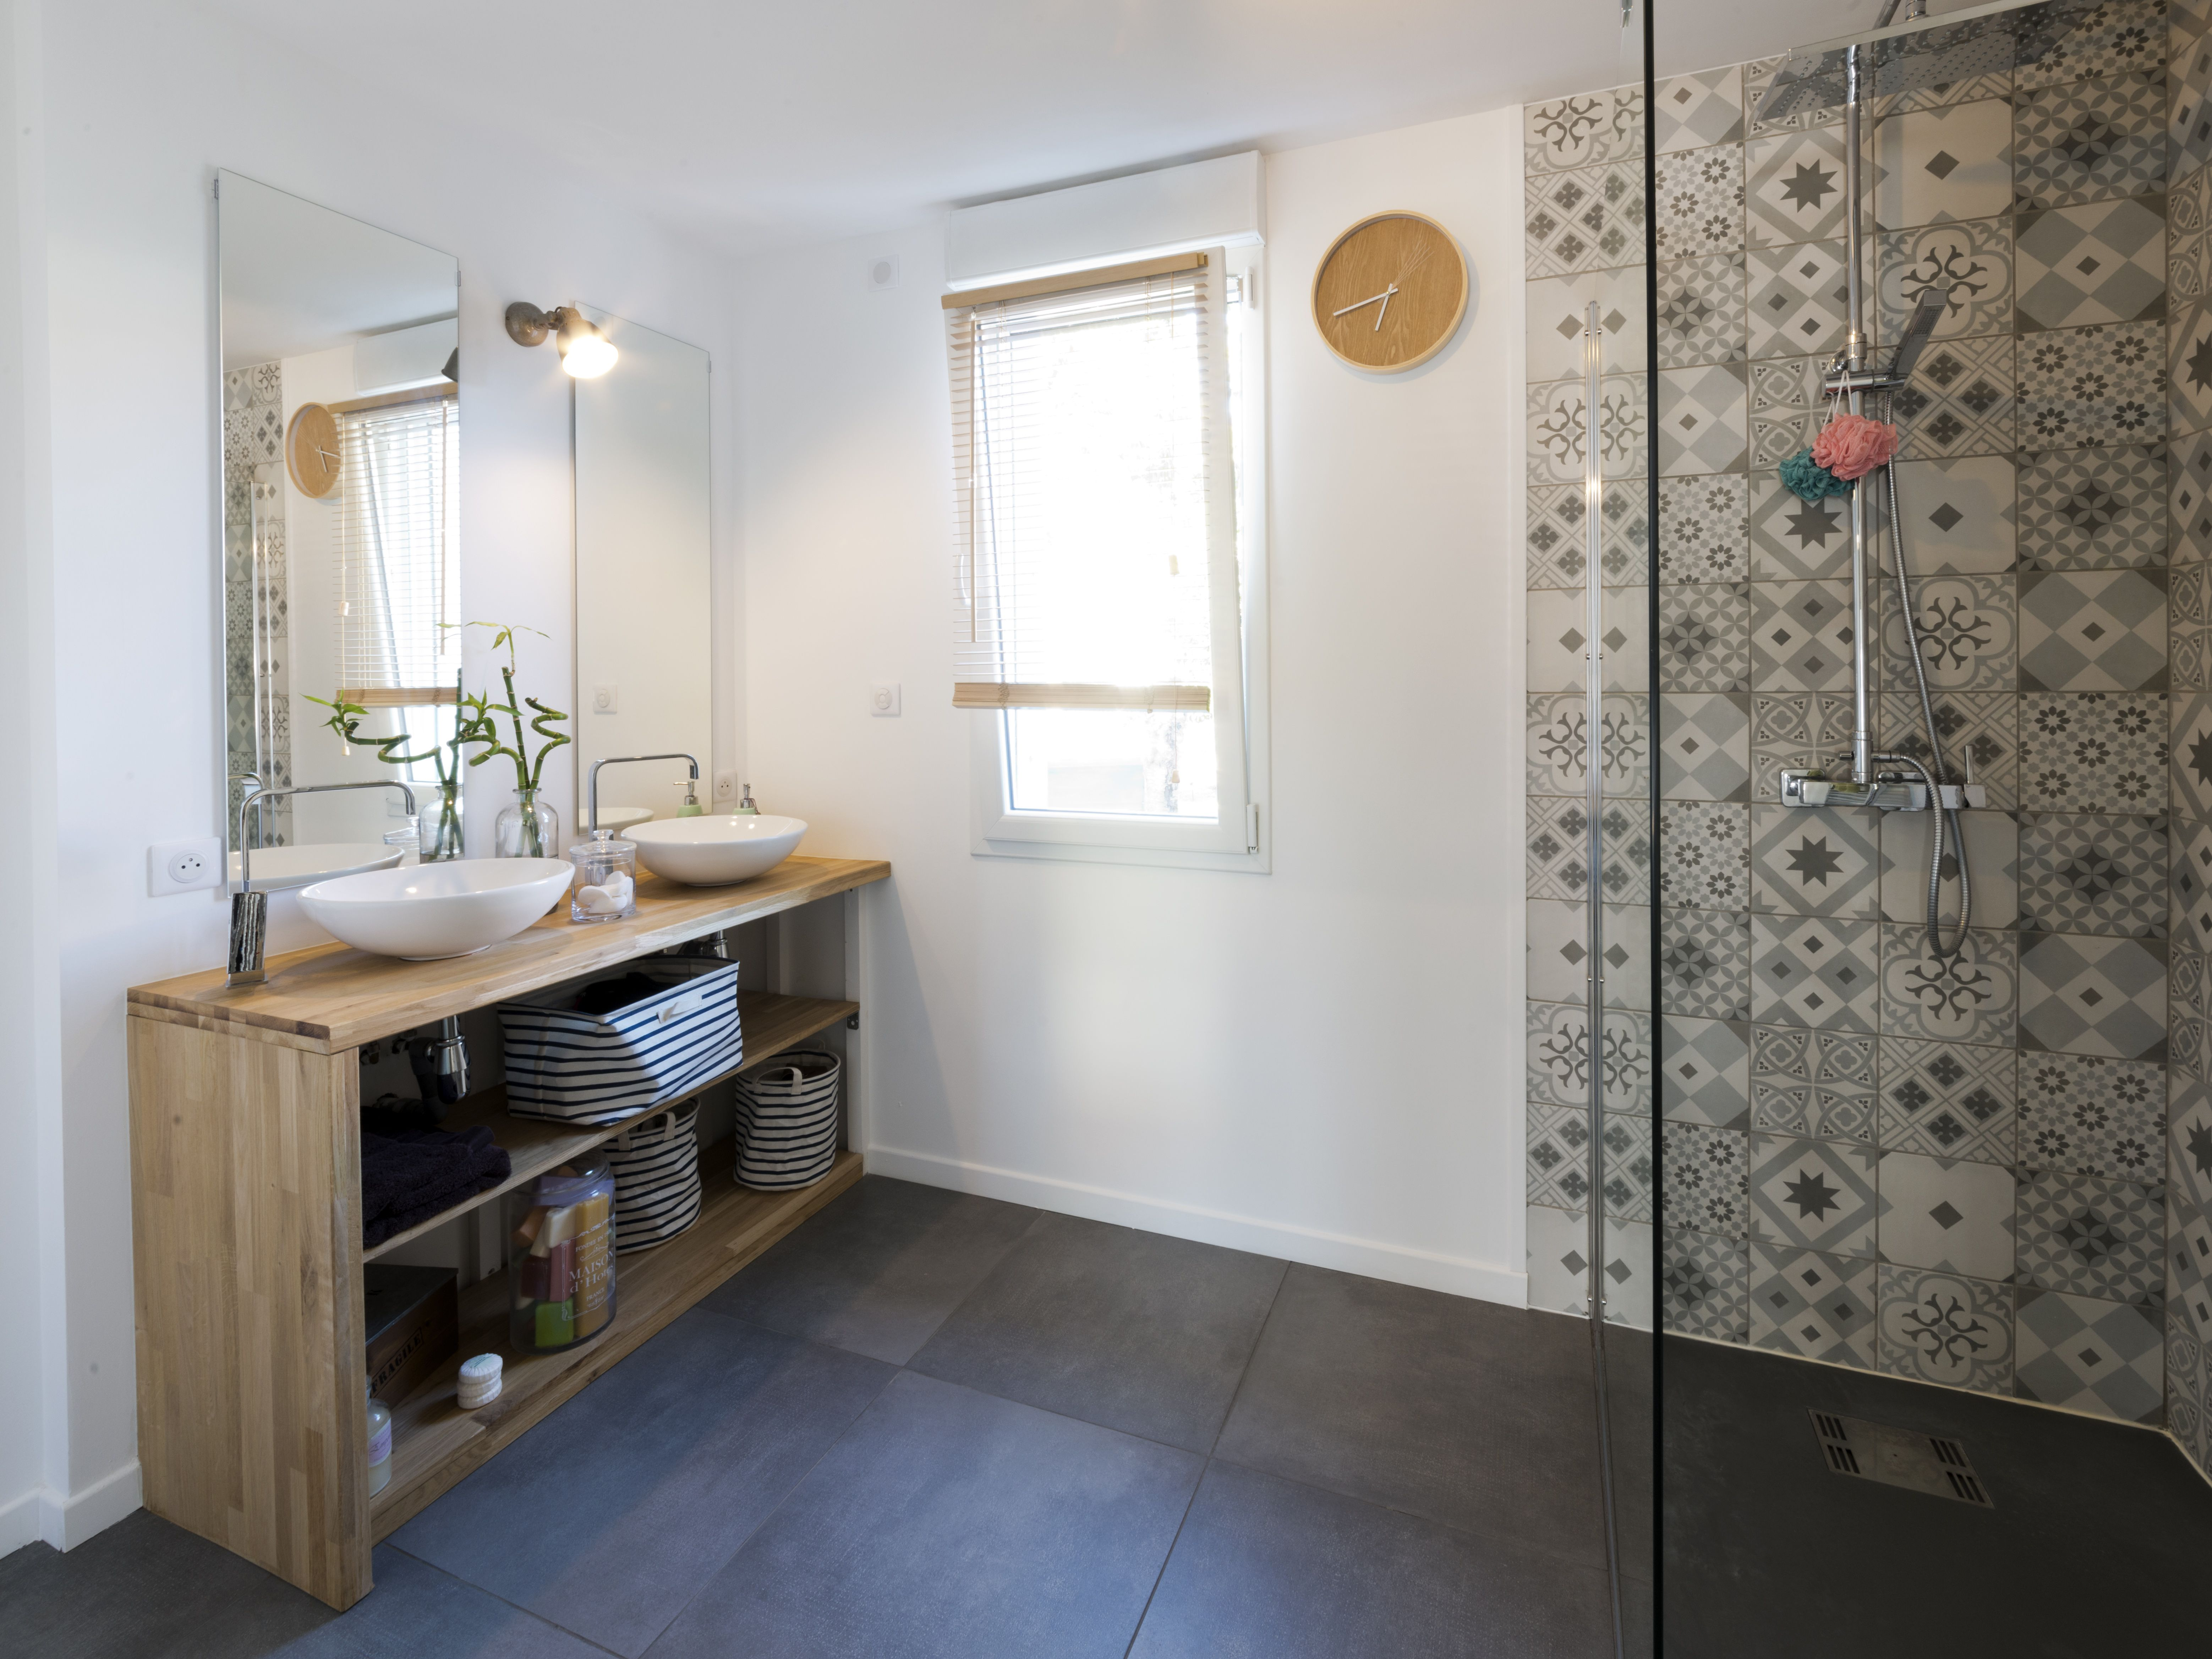 Une salle de bains pour les parents avec une douche l 39 italienne des carreaux salle de bain for Idee salle de bain carreau ciment